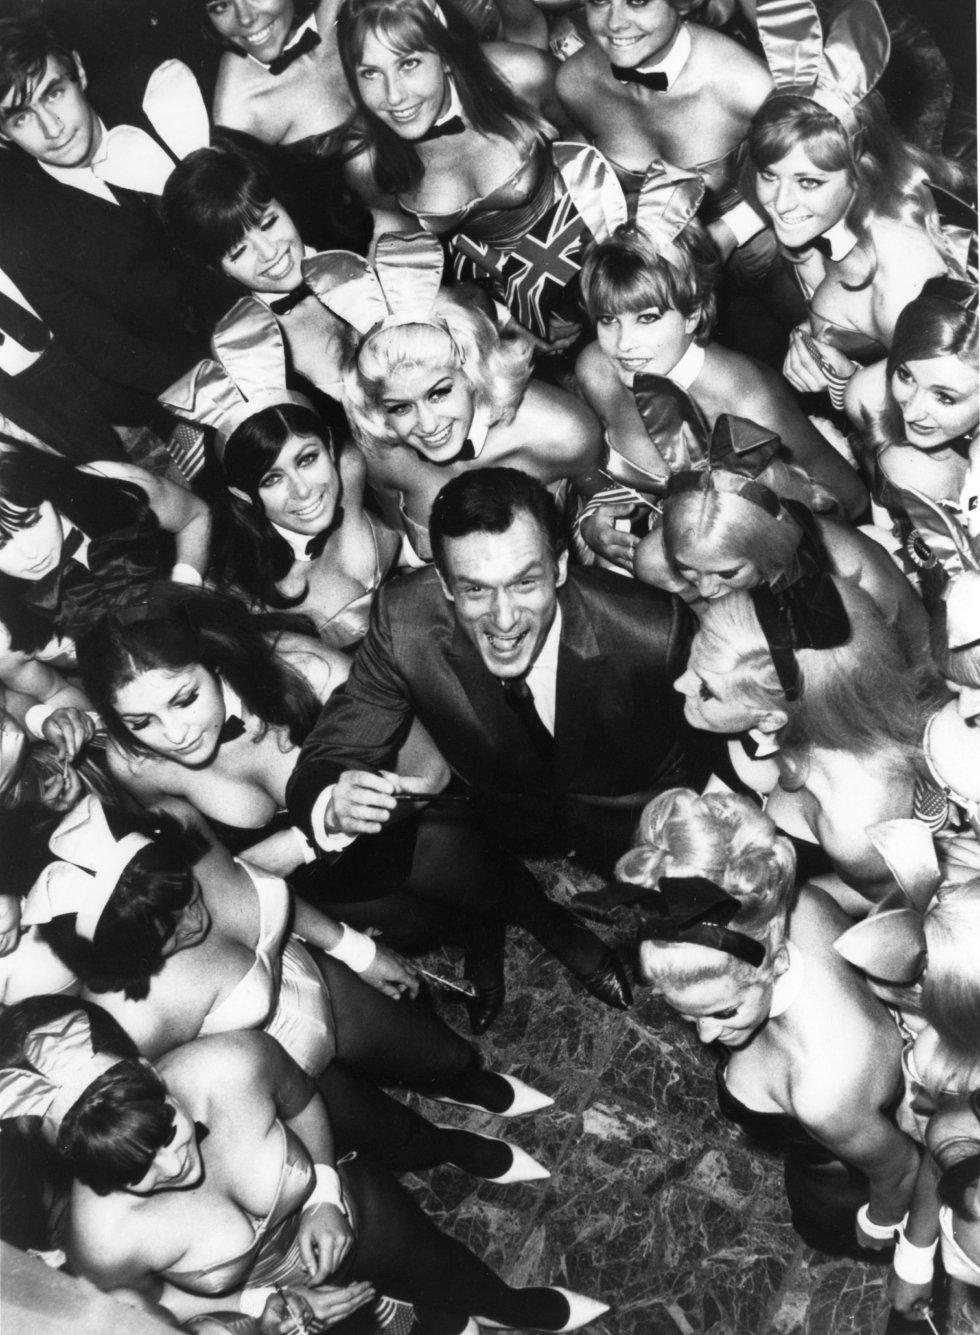 Hugh Hefner en imágenes: La vida y 'las conejitas' de Hugh Hefner en imágenes